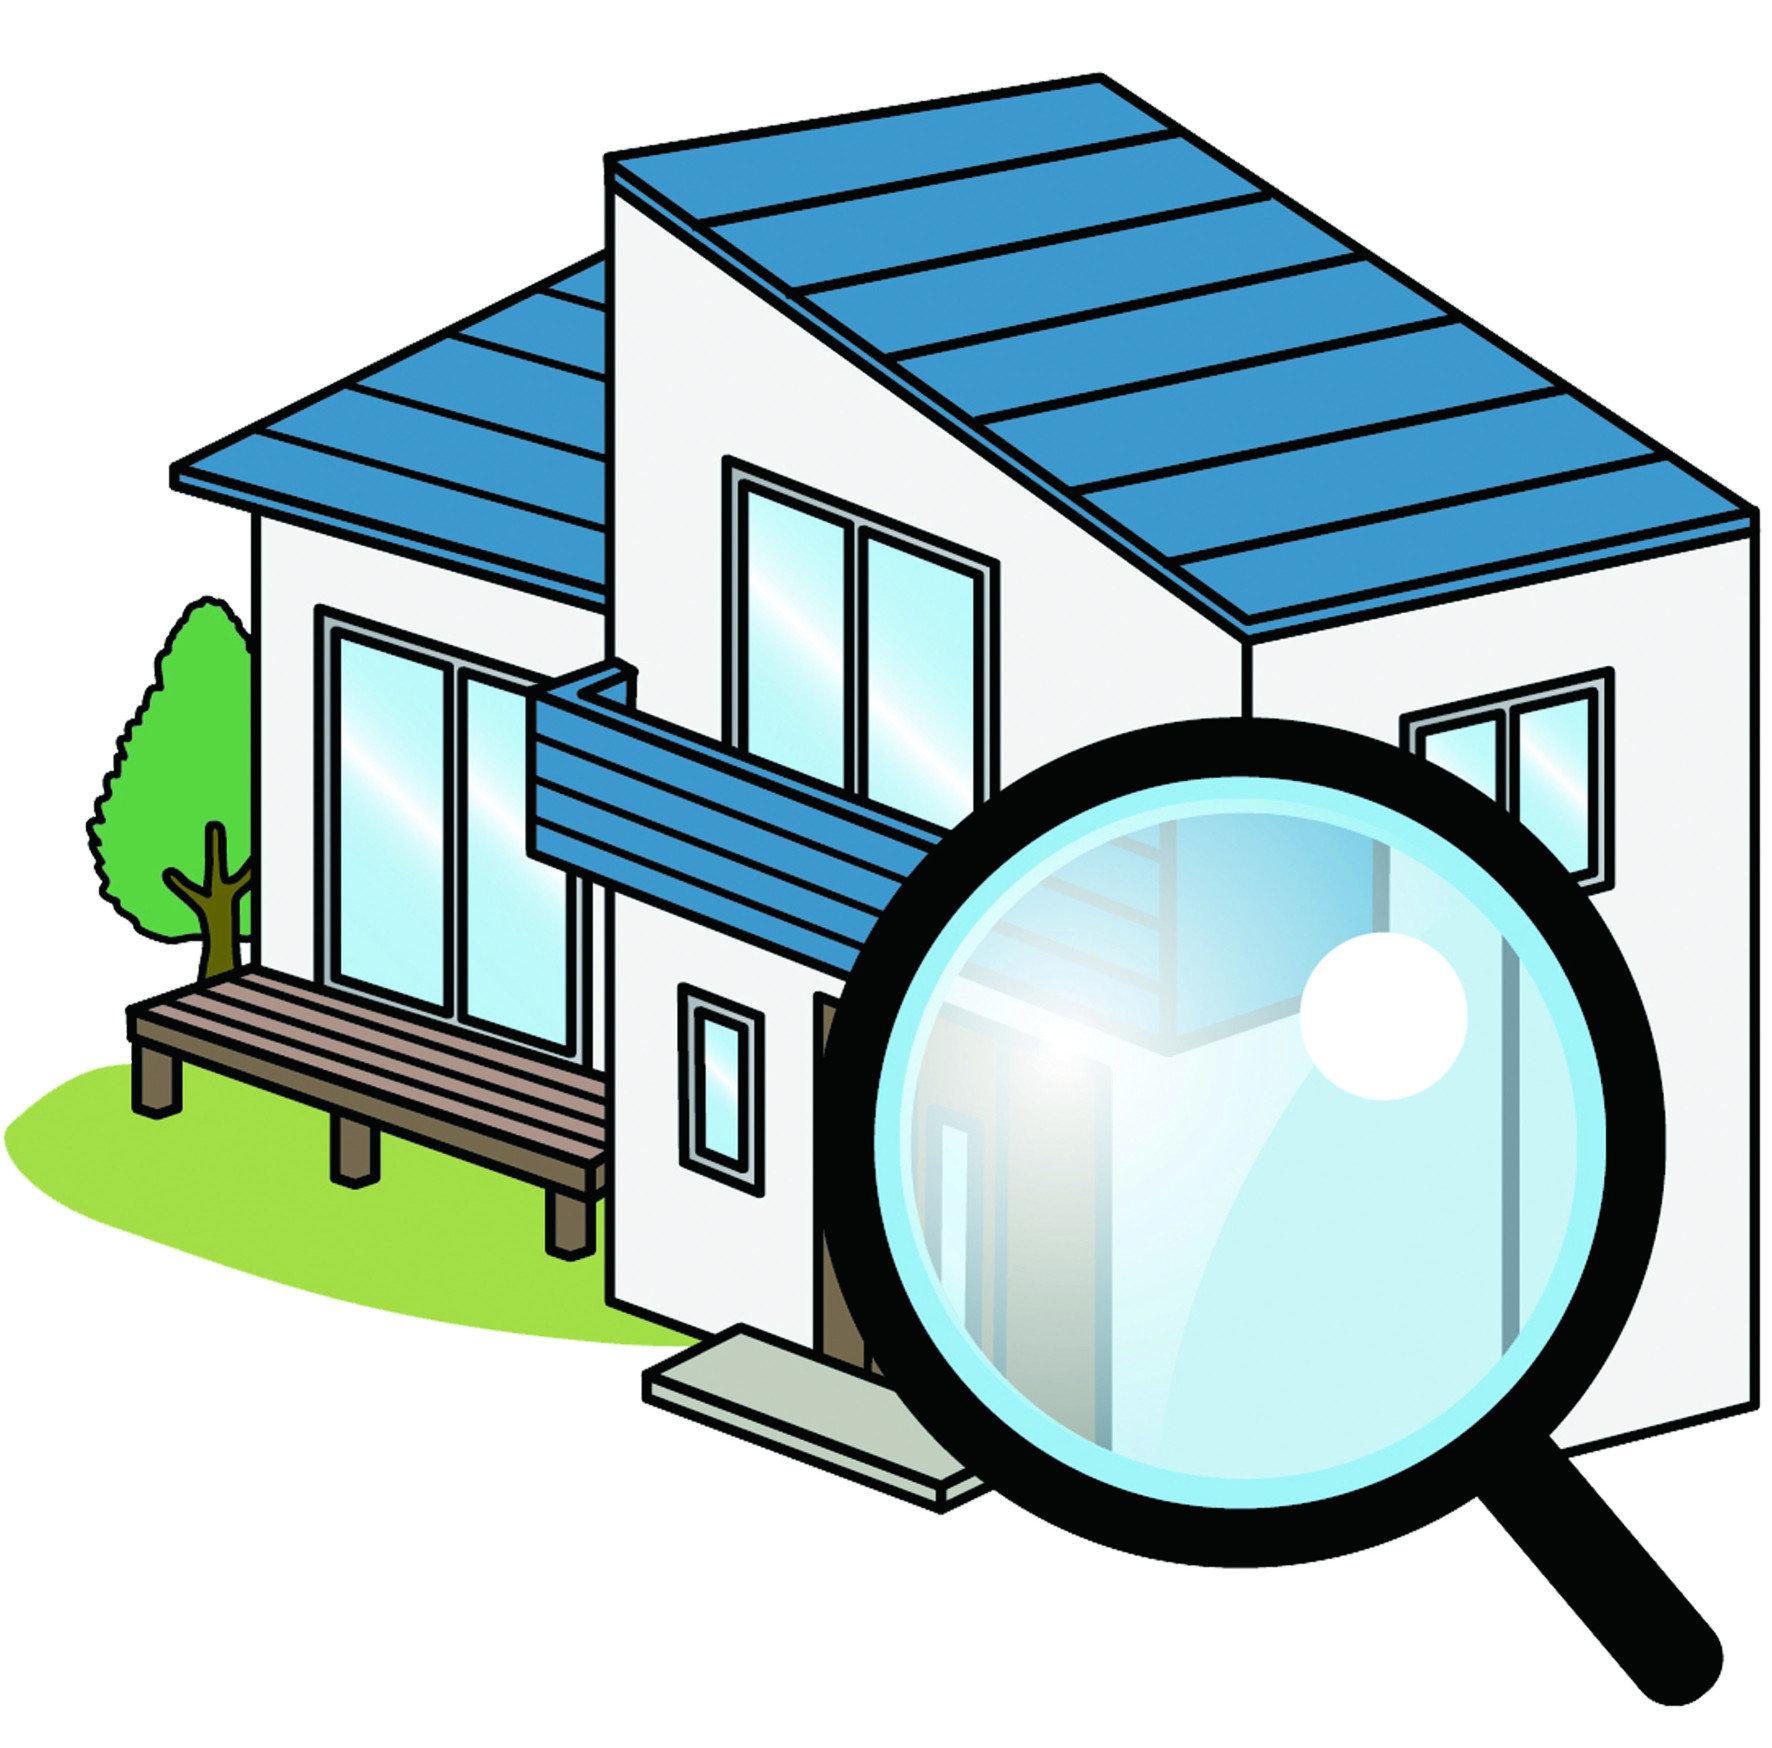 【除白蟻】破壞房屋的白蟻,白蟻可能產生的原因是什麼 ? 可以考慮防止它們的方法 !